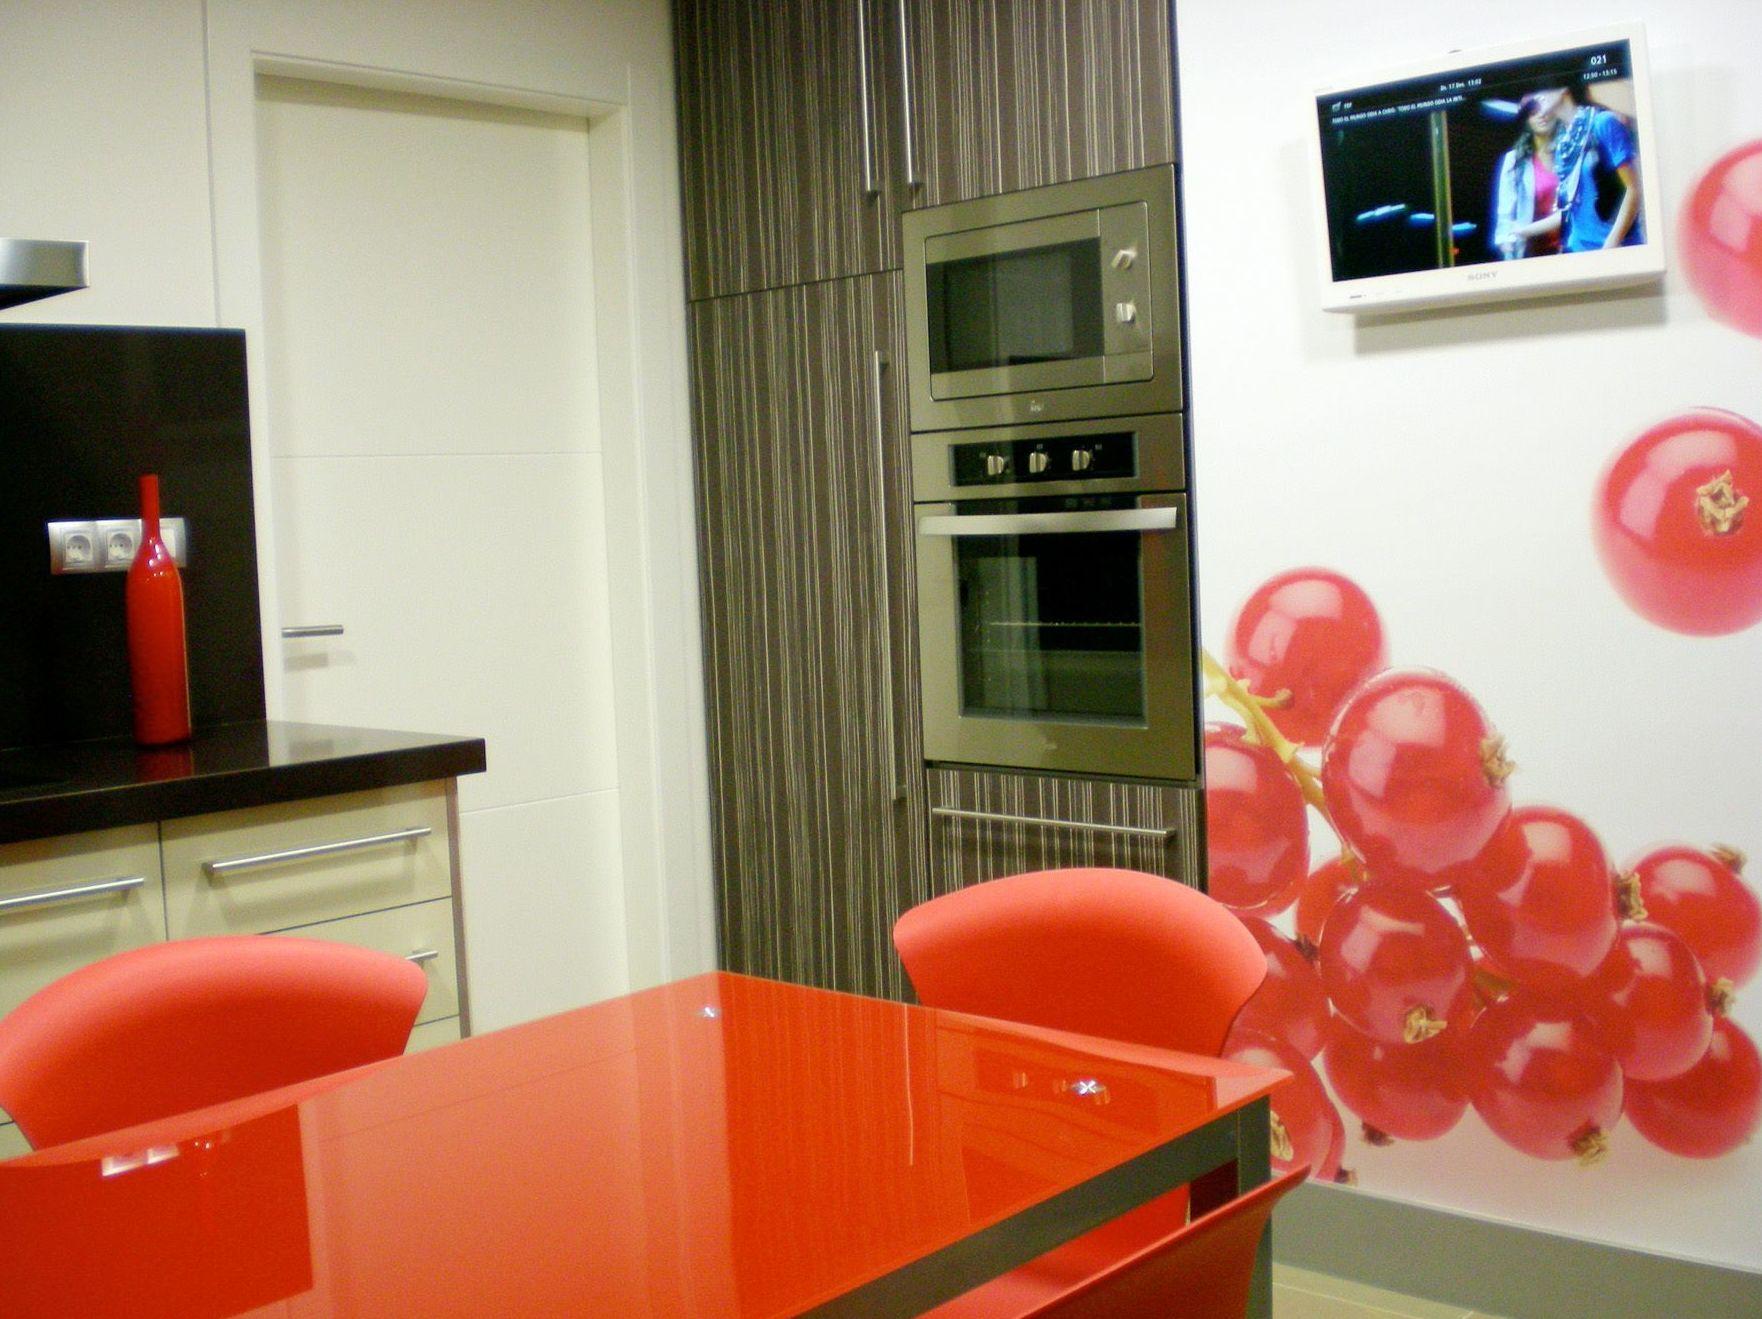 Foto 3 de muebles de ba o y cocina en lleida veyacuin mobiliari de cuina i bany - Muebles en lleida ...